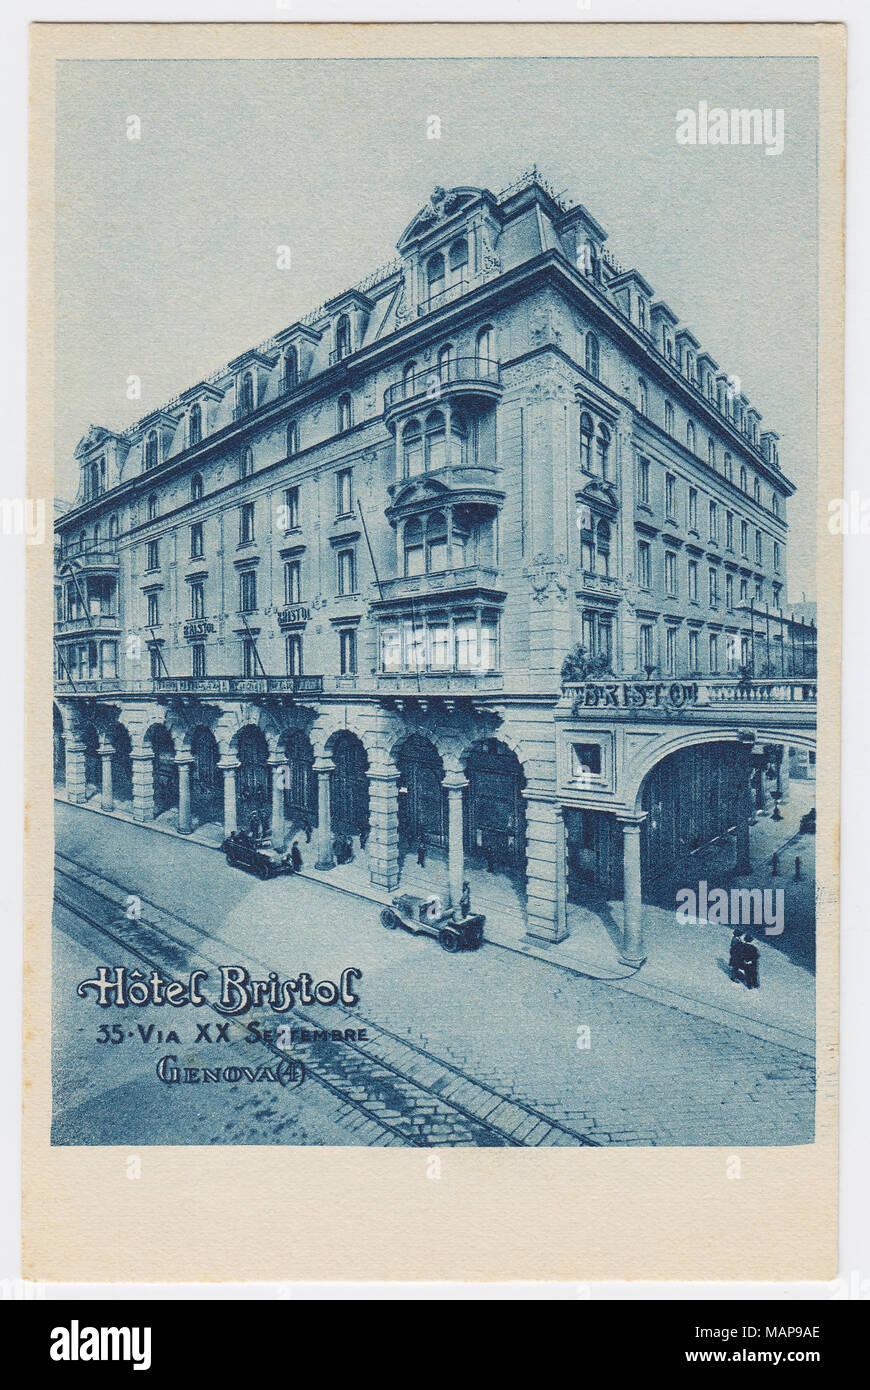 Hotel Bristol, Genoa, Italy - Stock Image